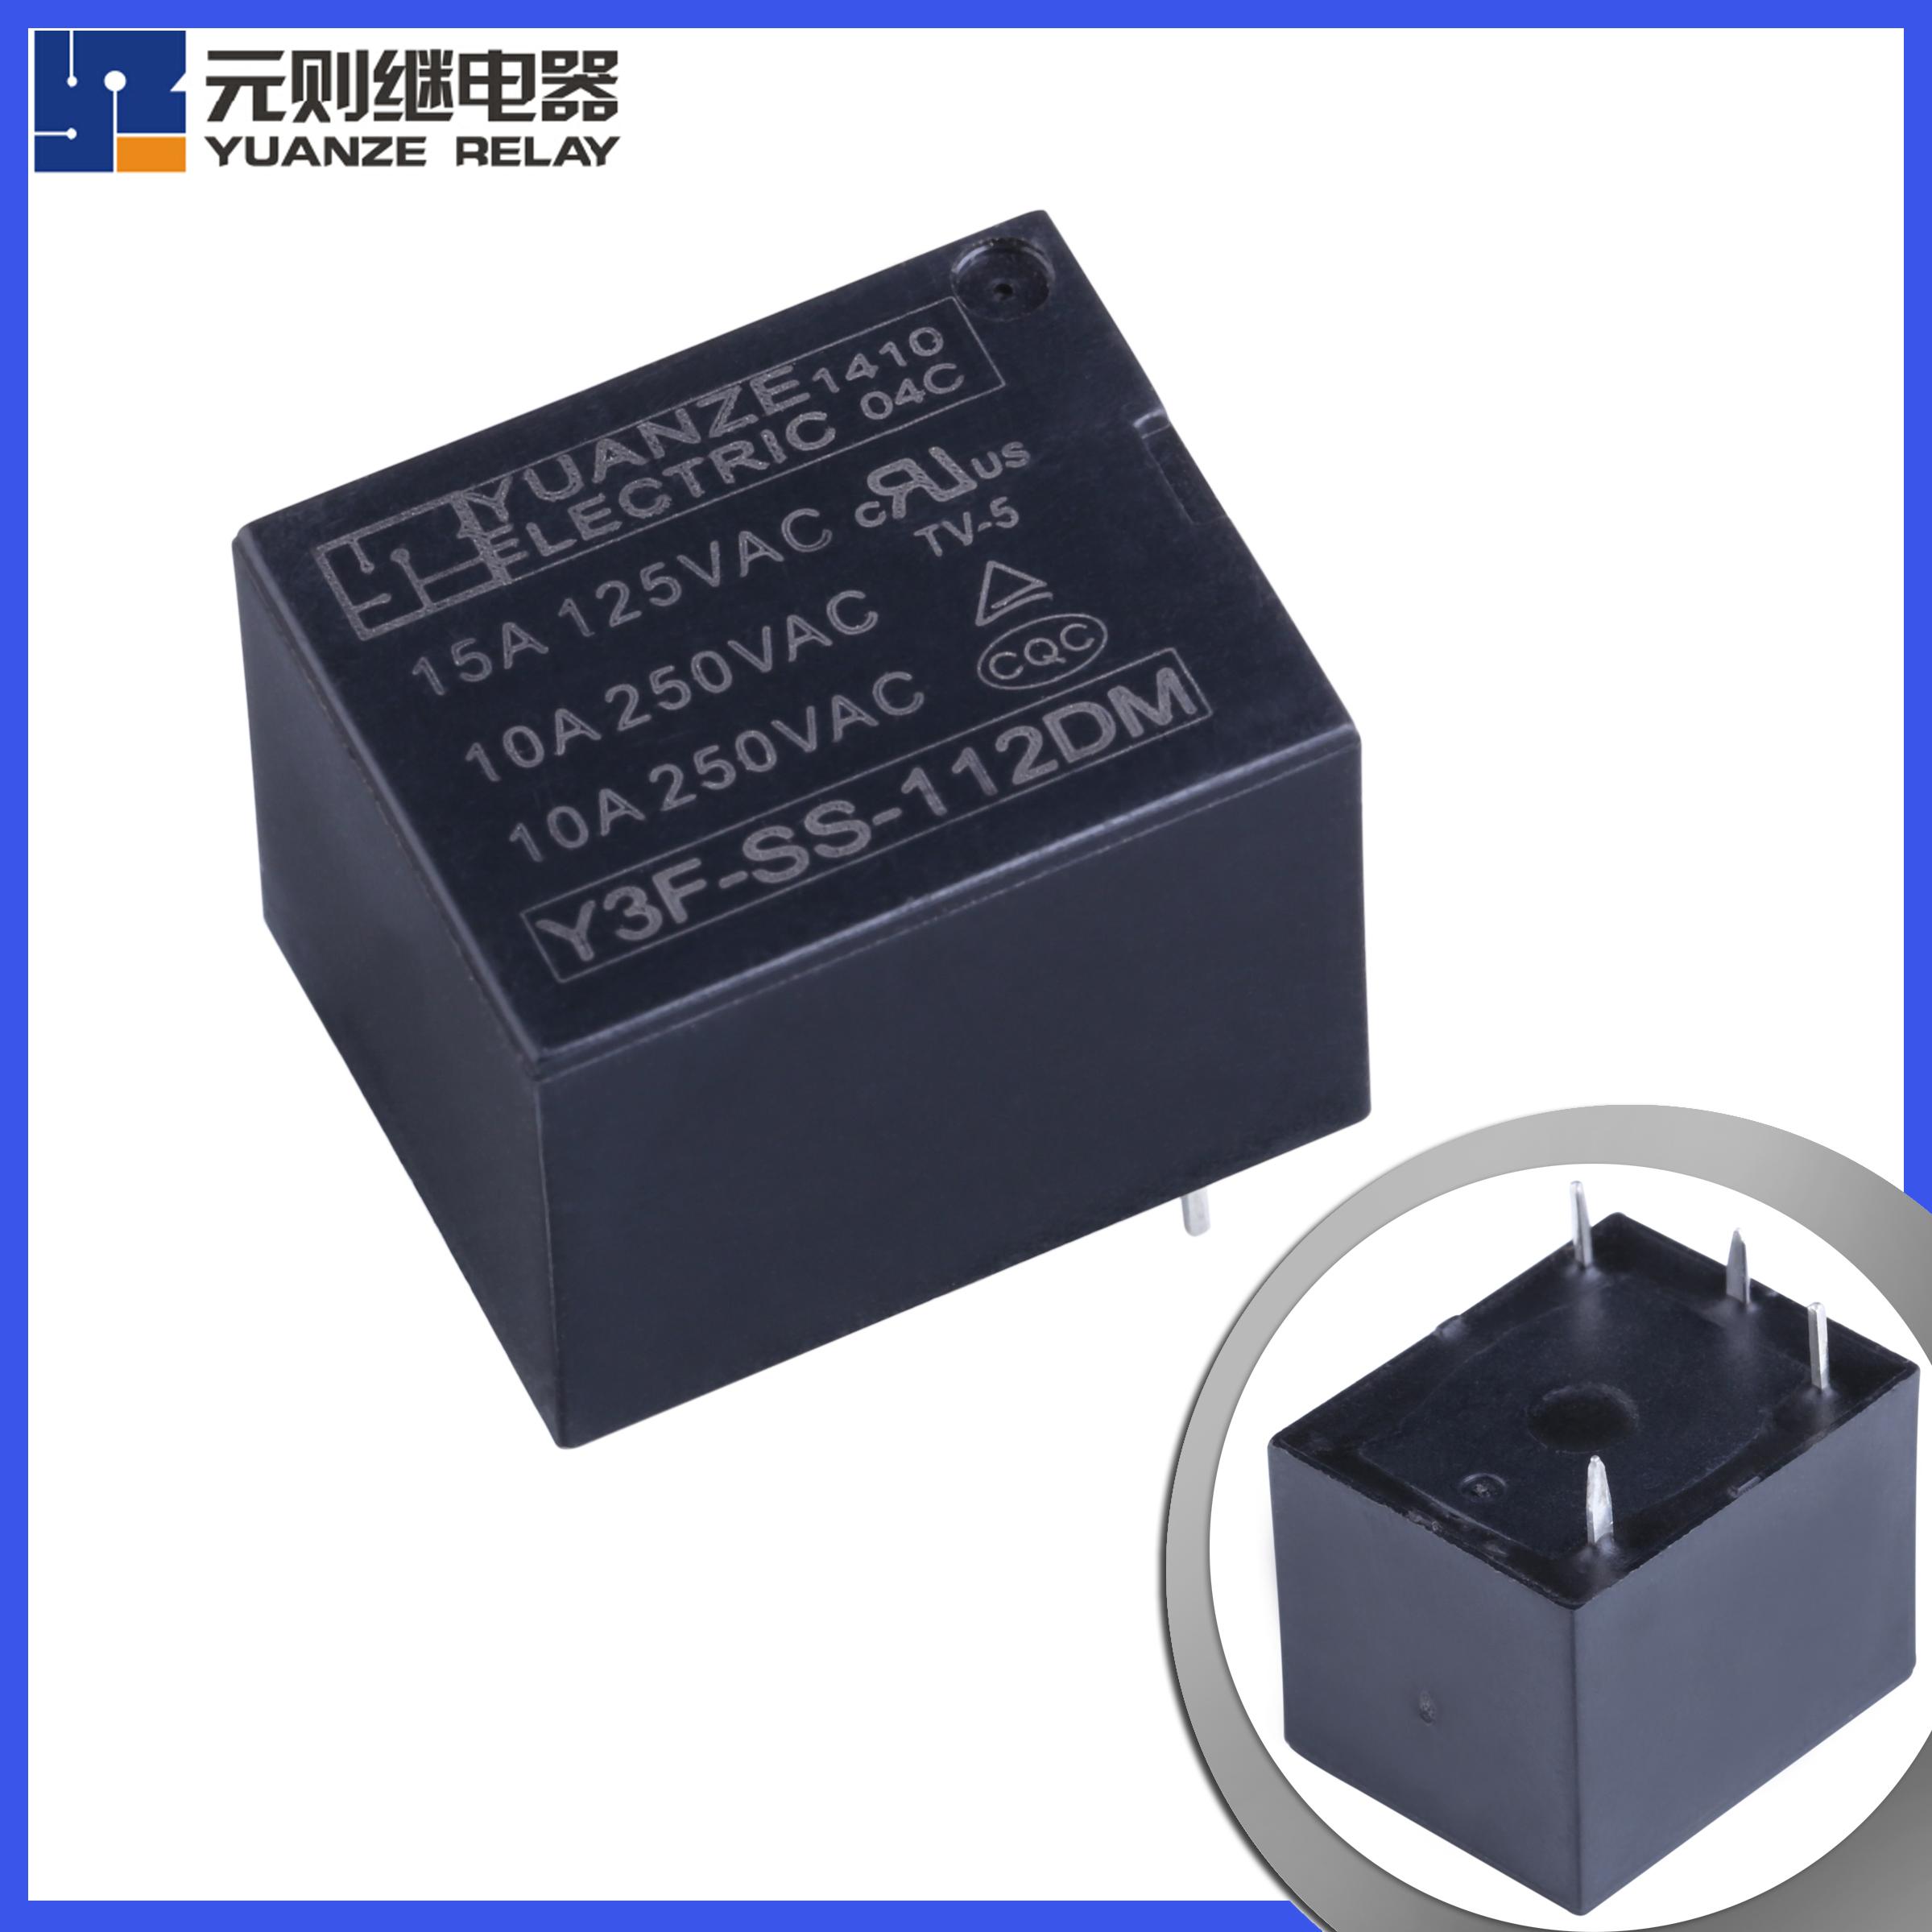 供应用于防盗装置的电磁继电器 12v防盗继电器 厂家直销 10年品质 值得信赖